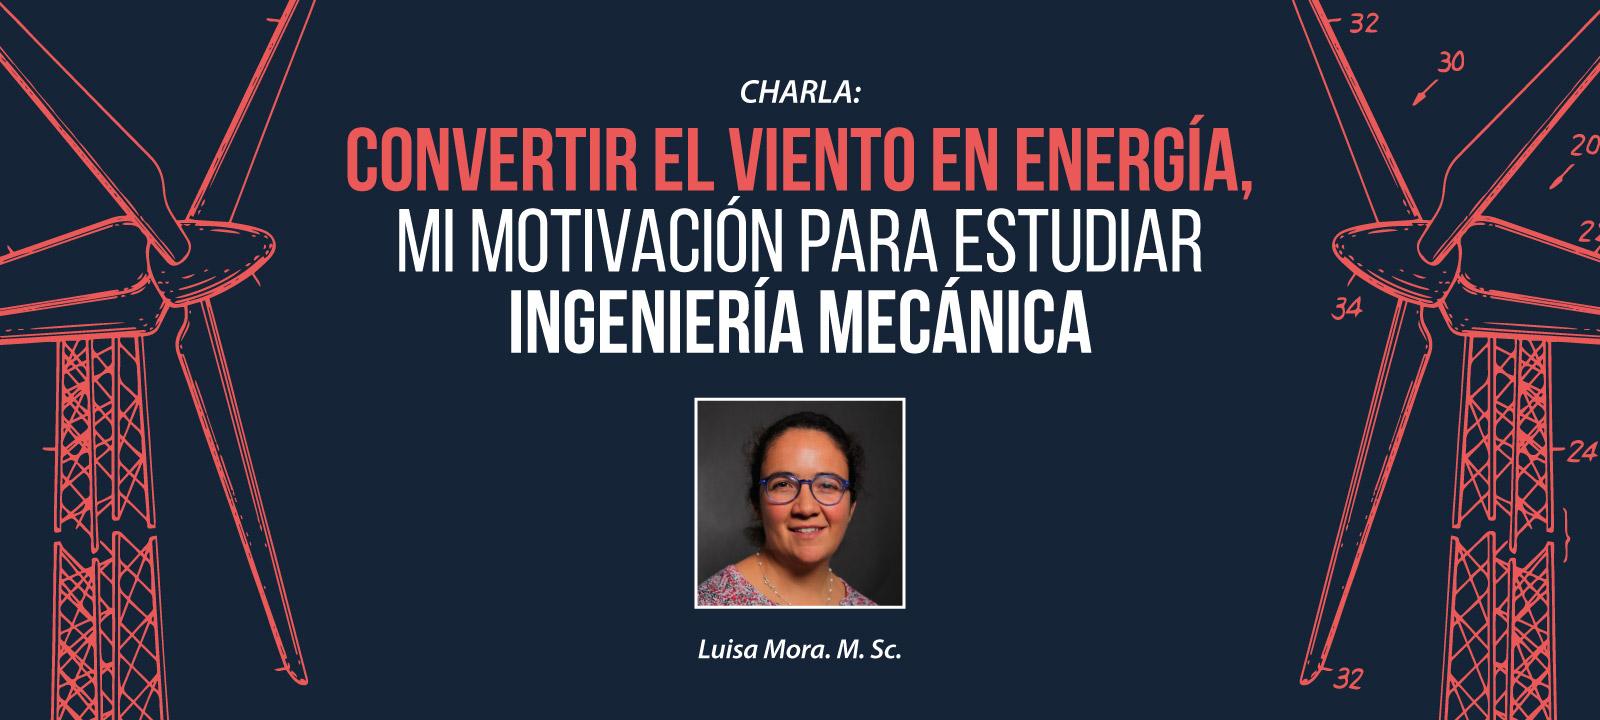 No se pierdan la charla de nuestra egresada Luisa Mora